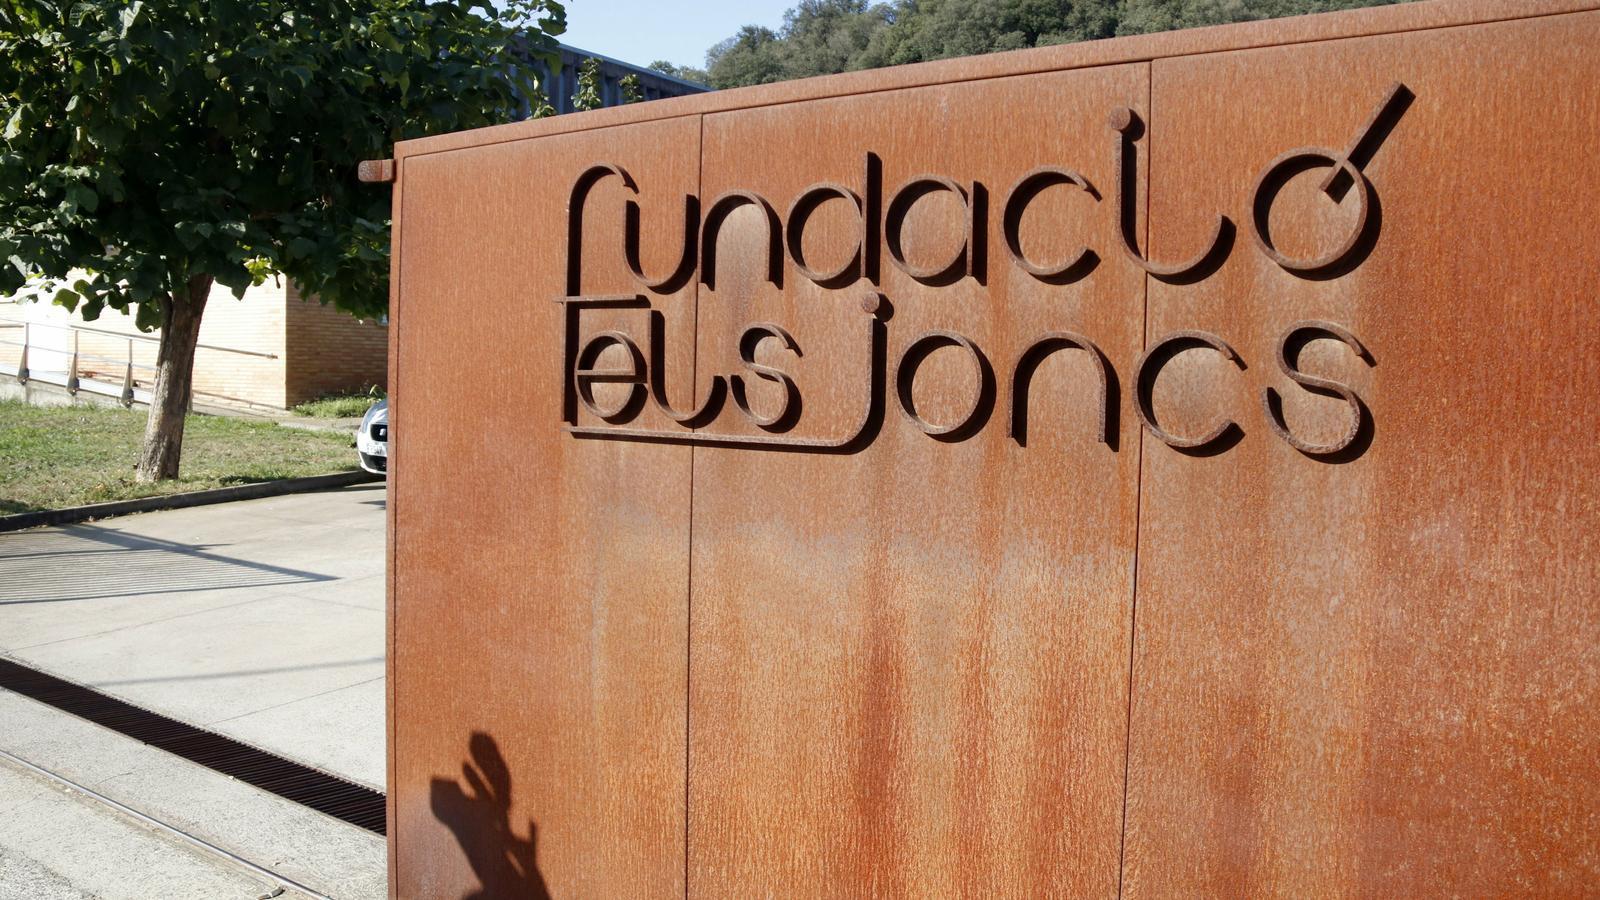 La porta d'entrada amb el nom de la Fundació Els Jocs de Sarrià de Ter (Gironès) on treballava el monitor investigat